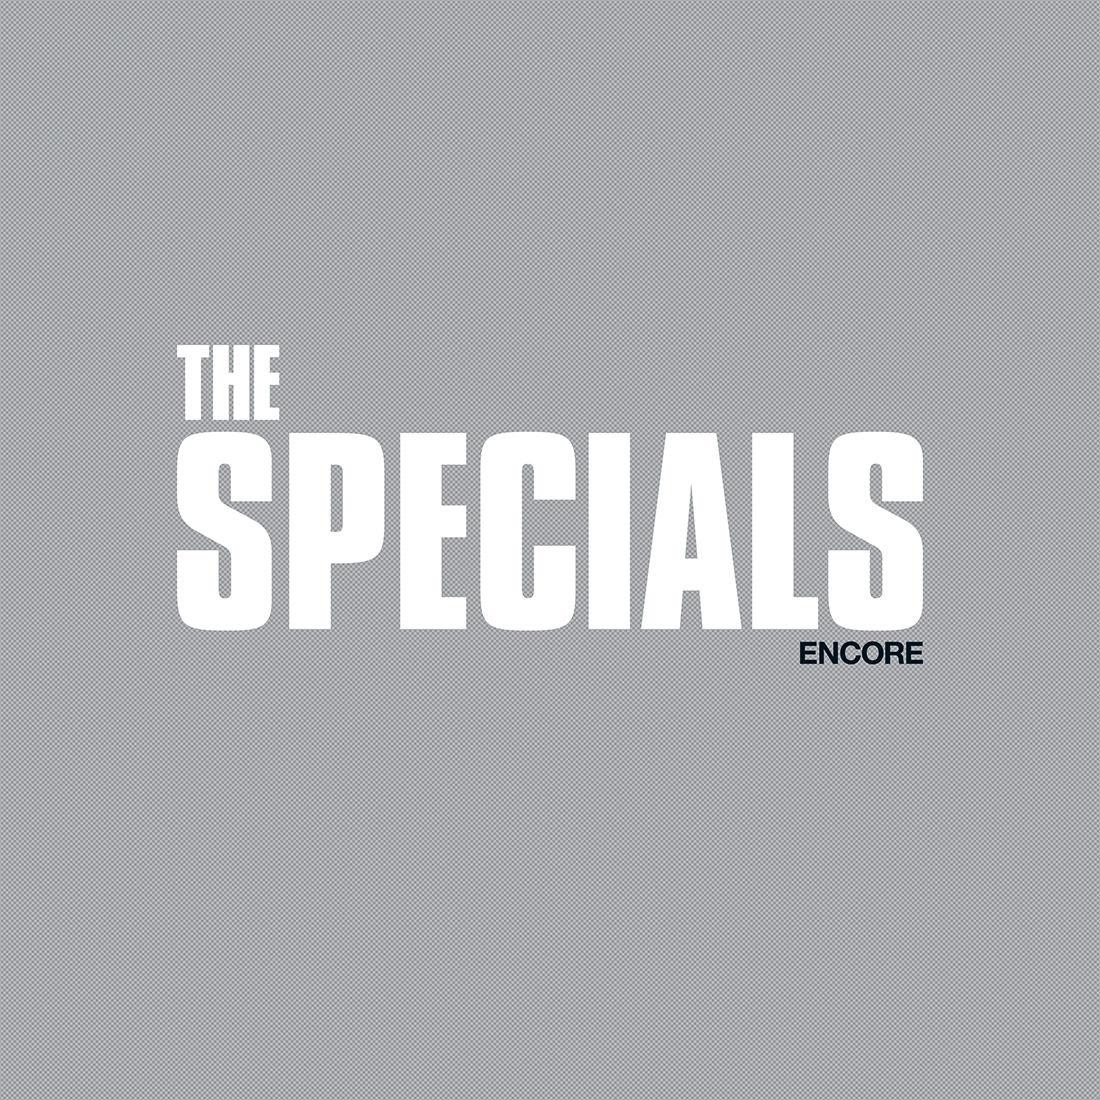 The Especials – Encore